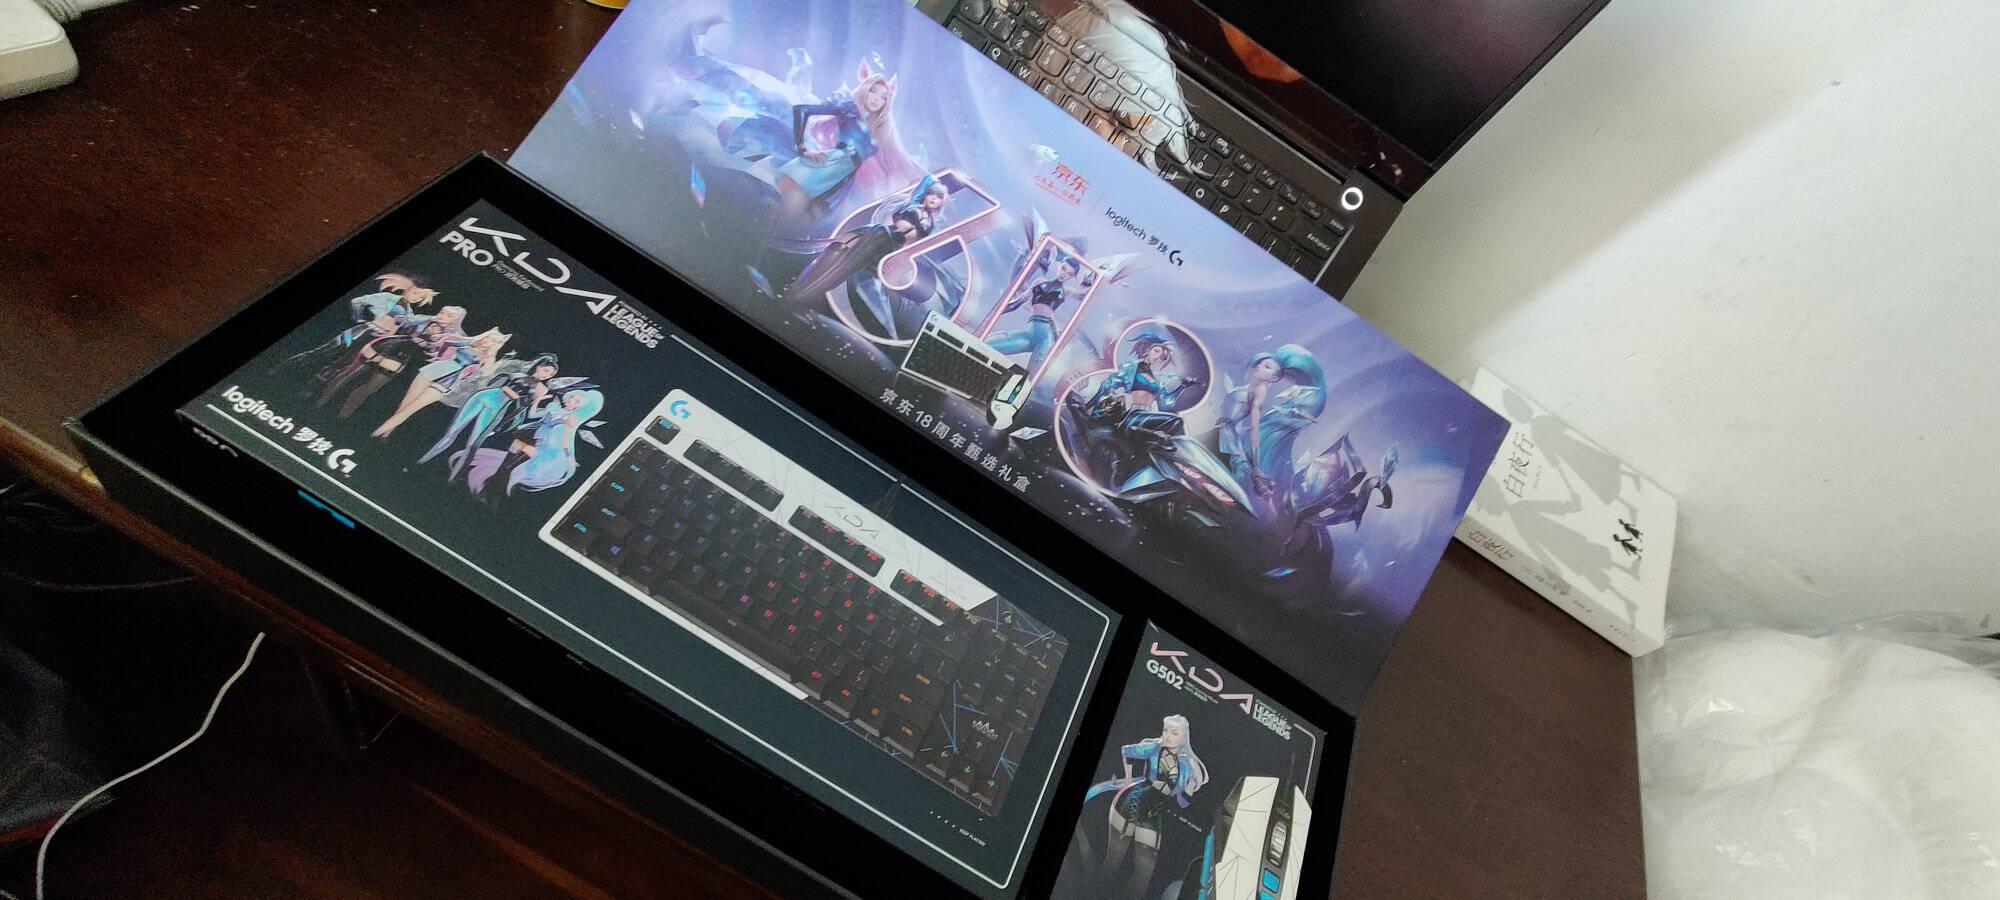 罗技(G)【超级盒子】英雄联盟KDA女团电竞天团礼盒甄选版高性能游戏鼠标+电竞选手级机械键盘RGB灯效